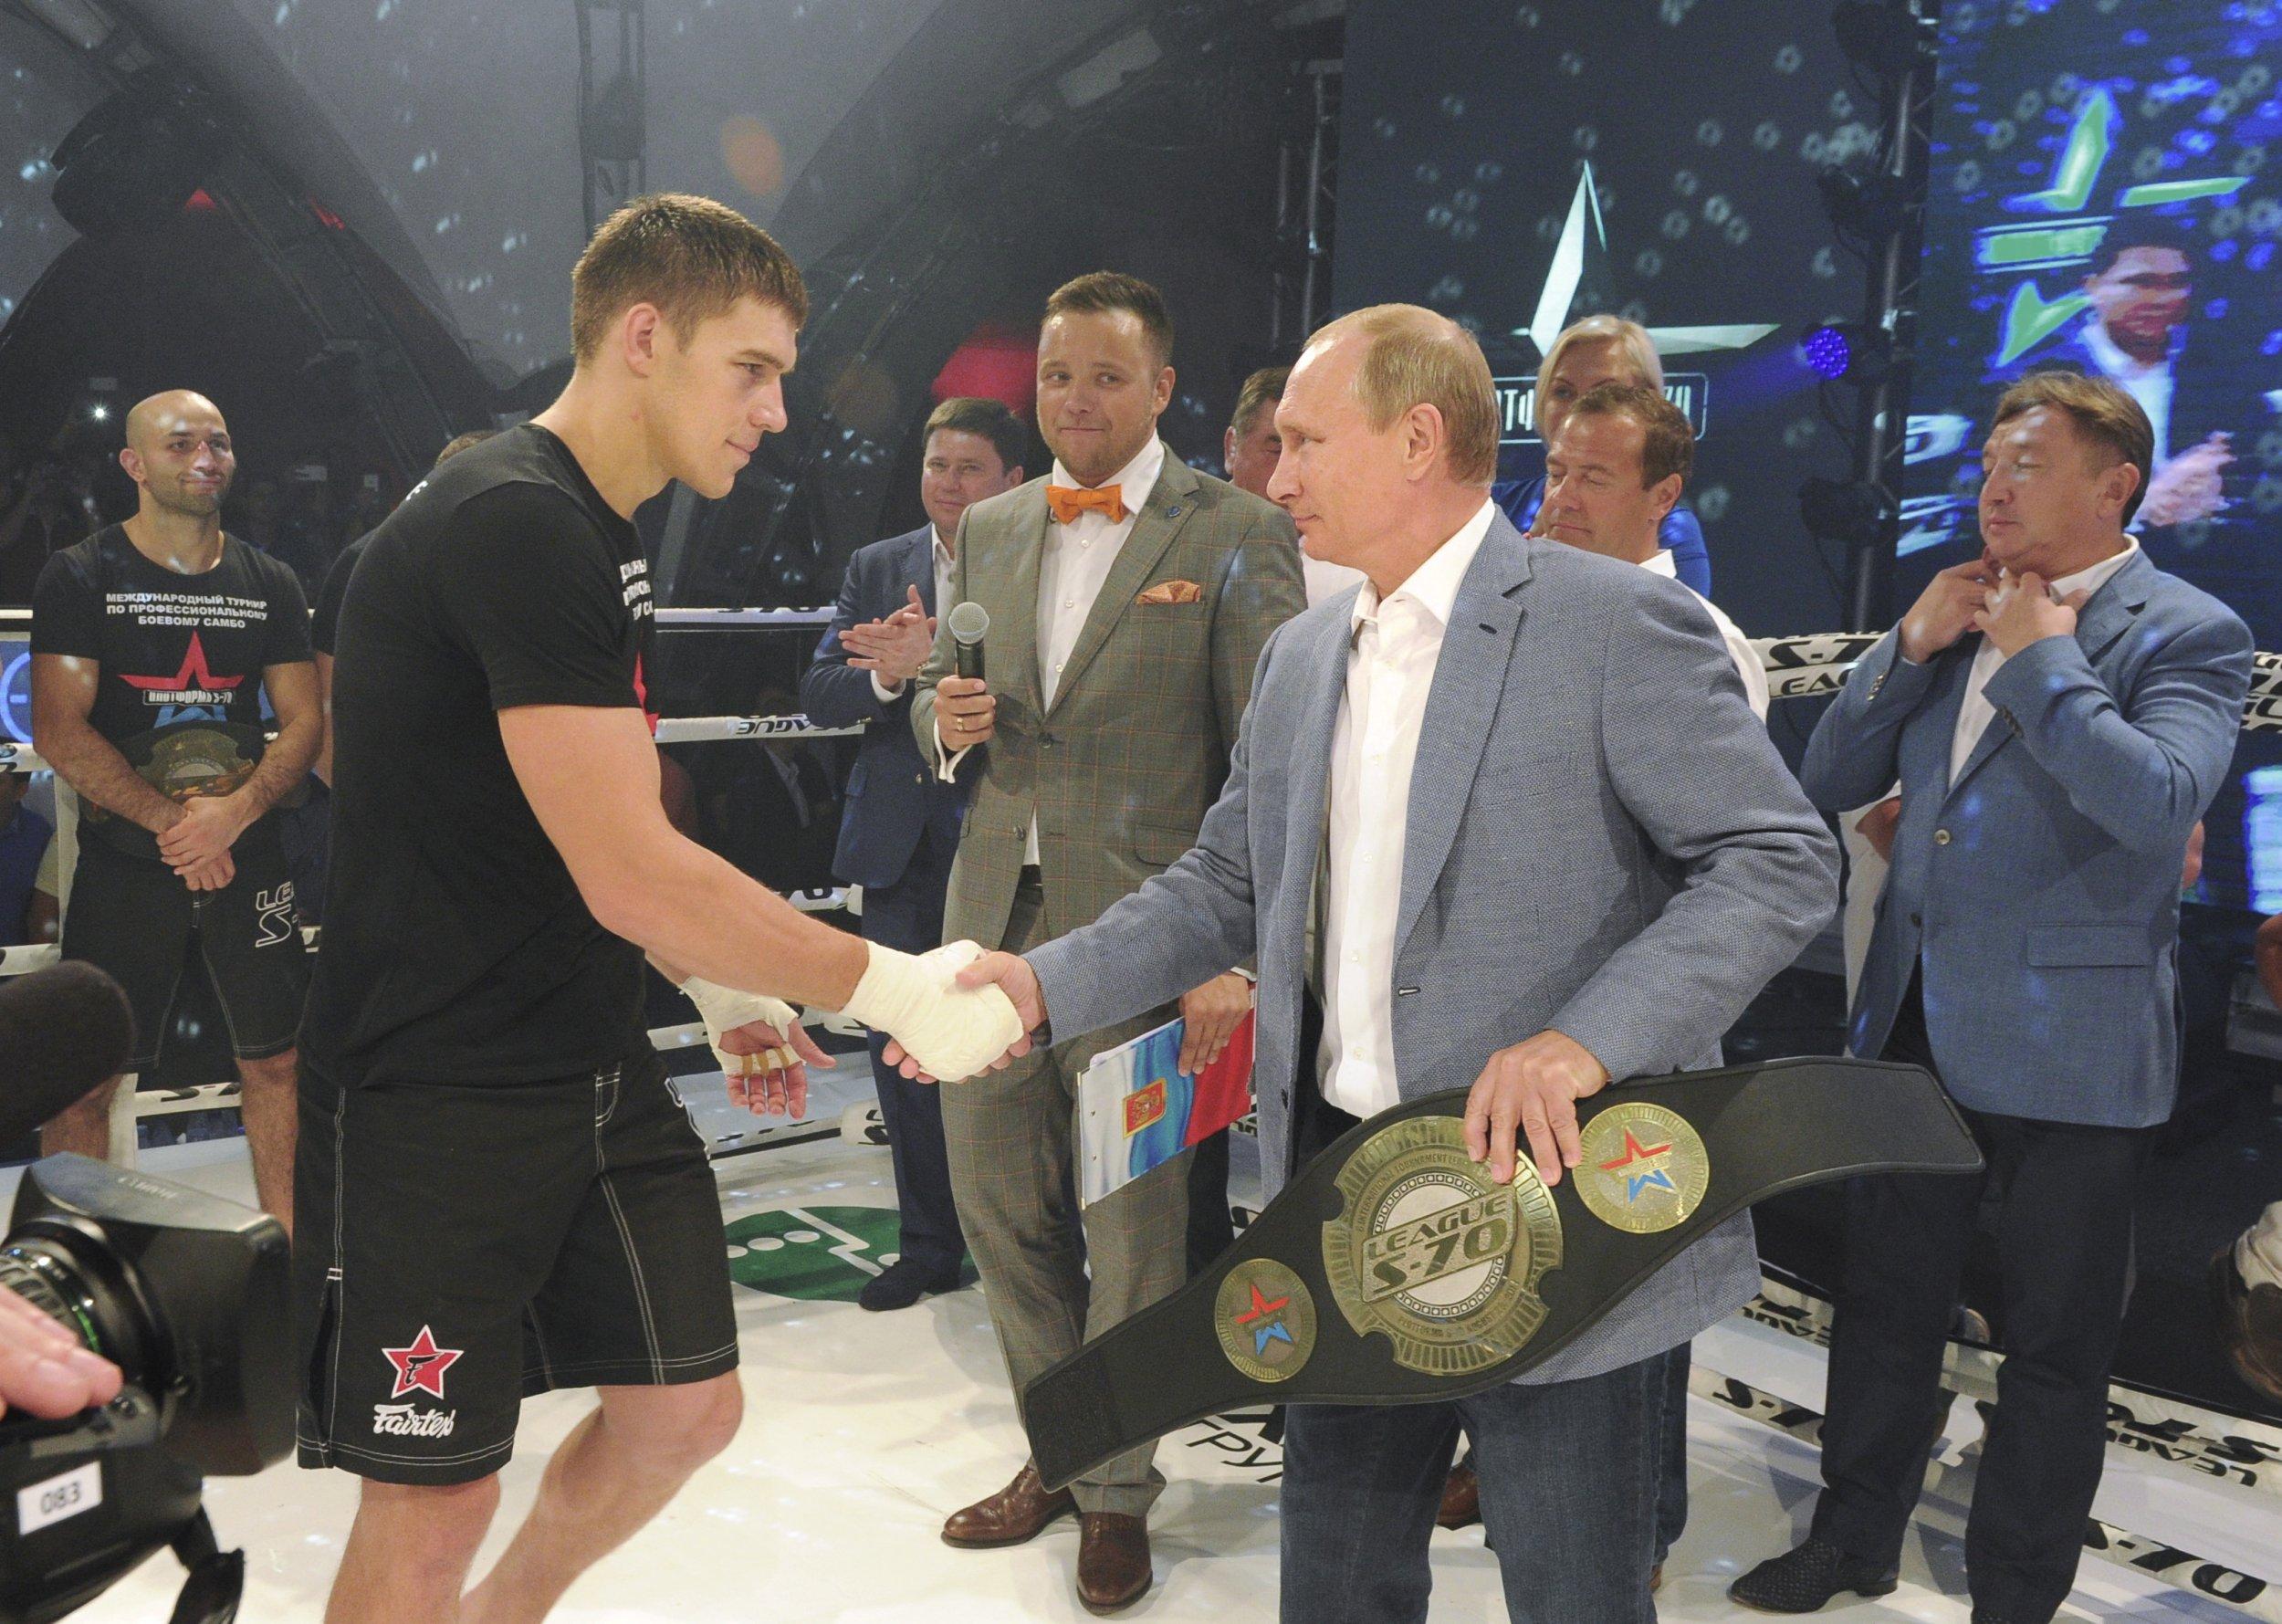 Putin at Sambo tournament